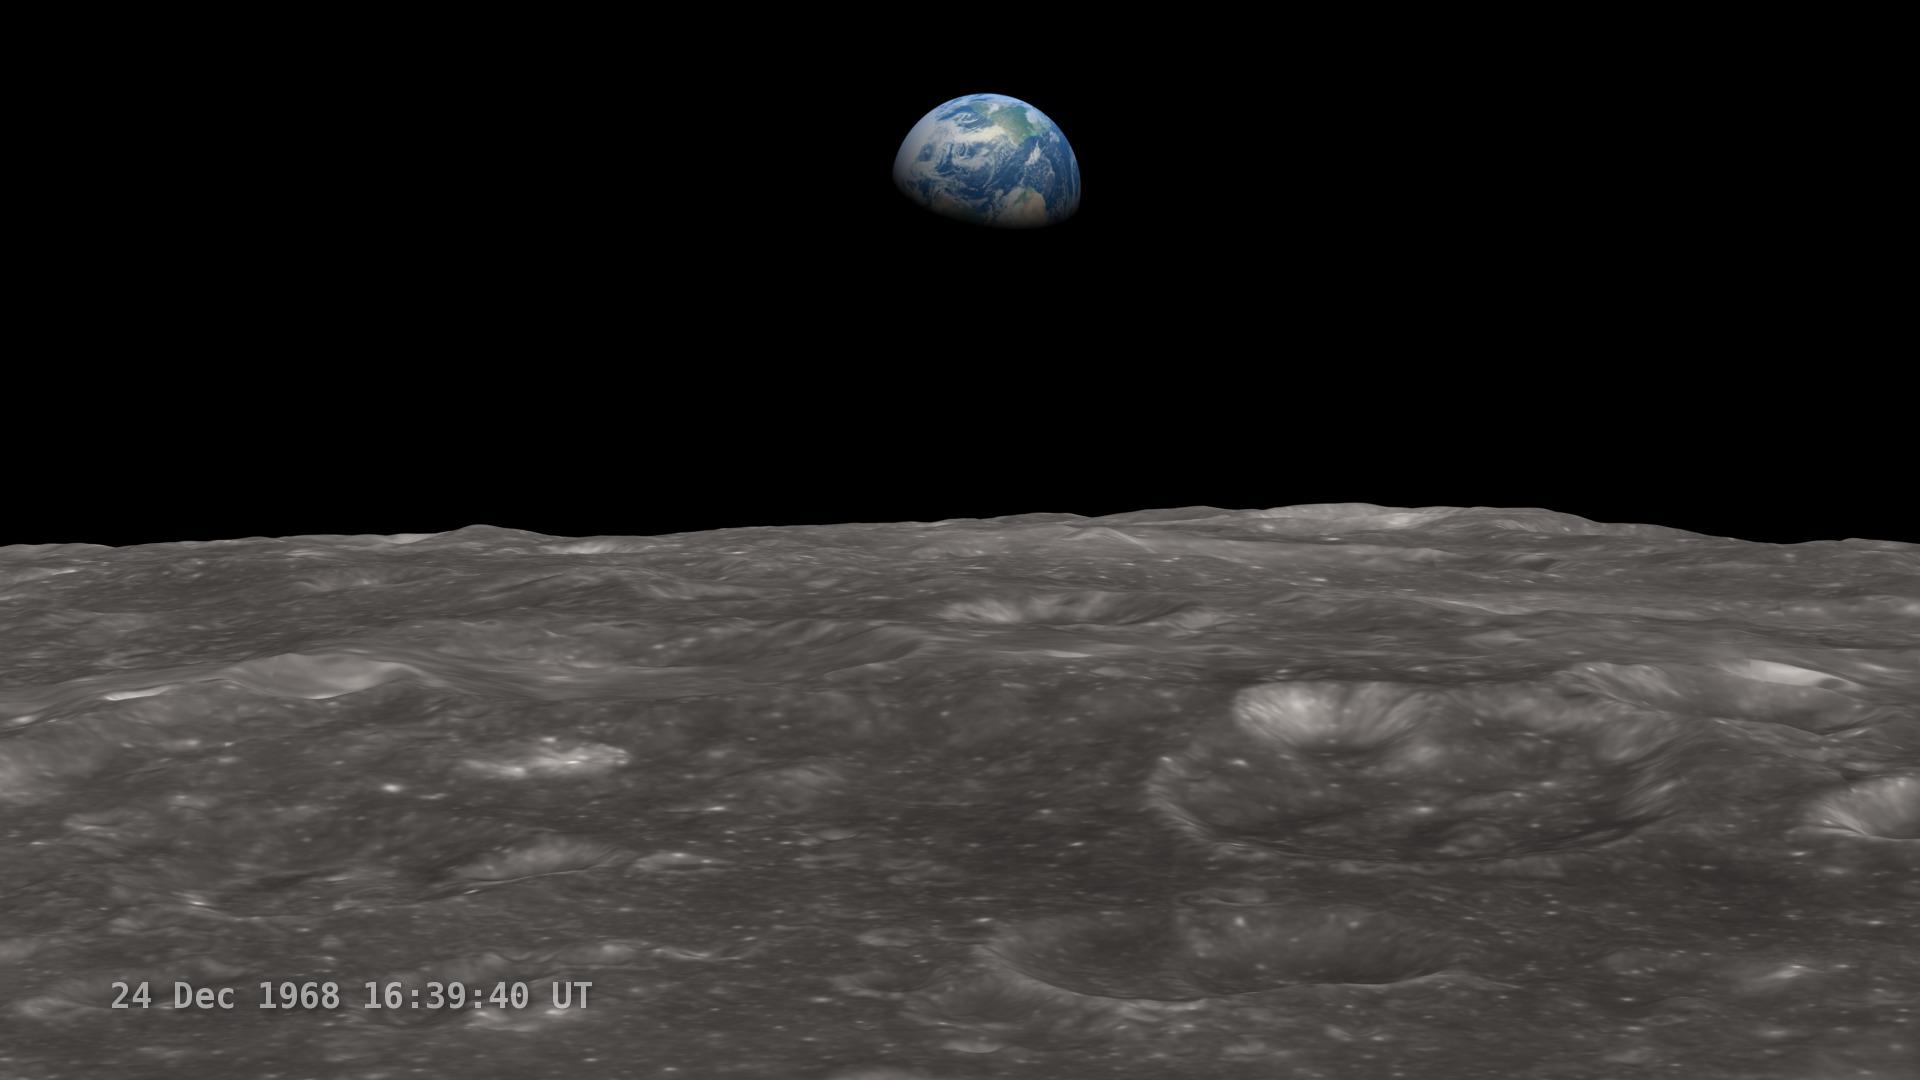 earthrise nasa - photo #30